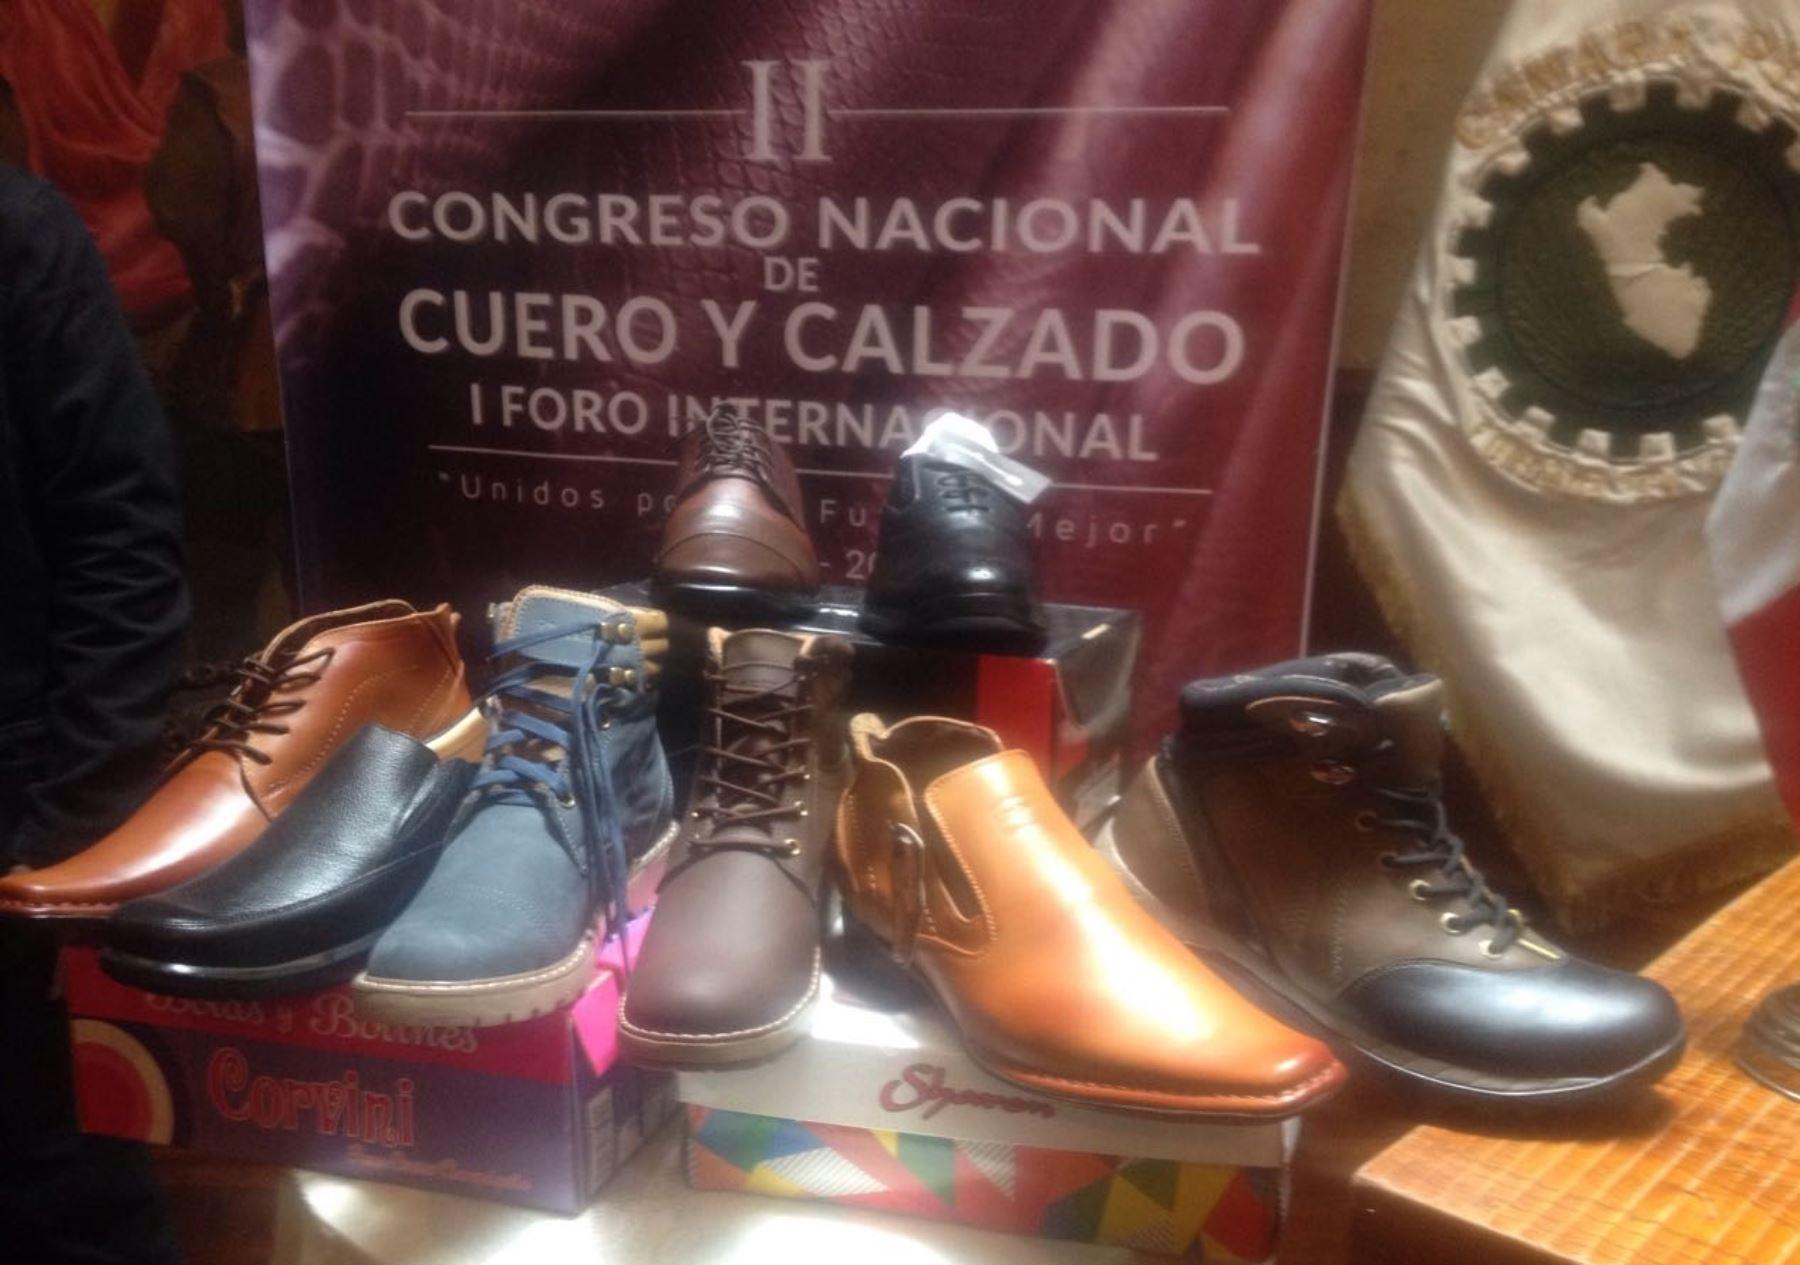 Arequipa organiza rueda de negocios para productores de calzado. ANDINA